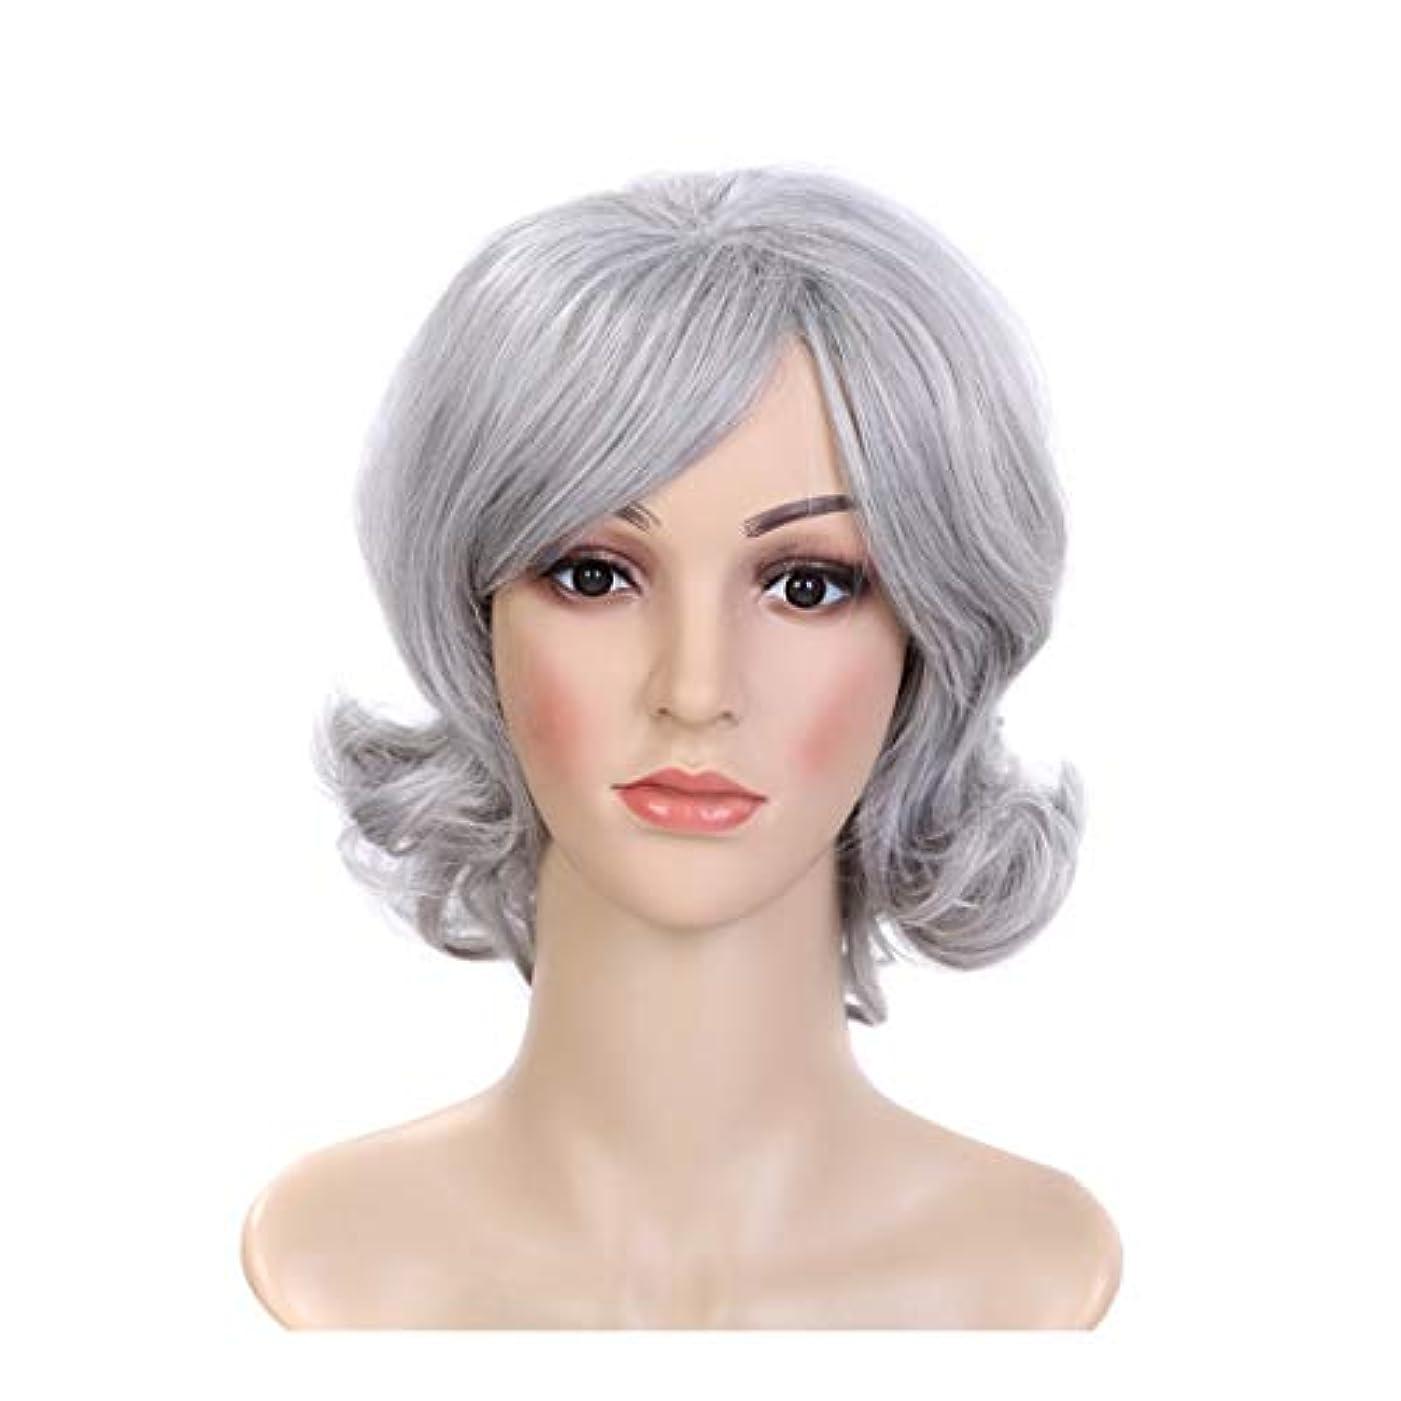 と闘う見落とす振動するYOUQIU ホワイト色のウィッグ女性の女の子のかつらのためのショートカーリーヘア合成ふわふわフルウィッグ (色 : Silver grey/grand ash)